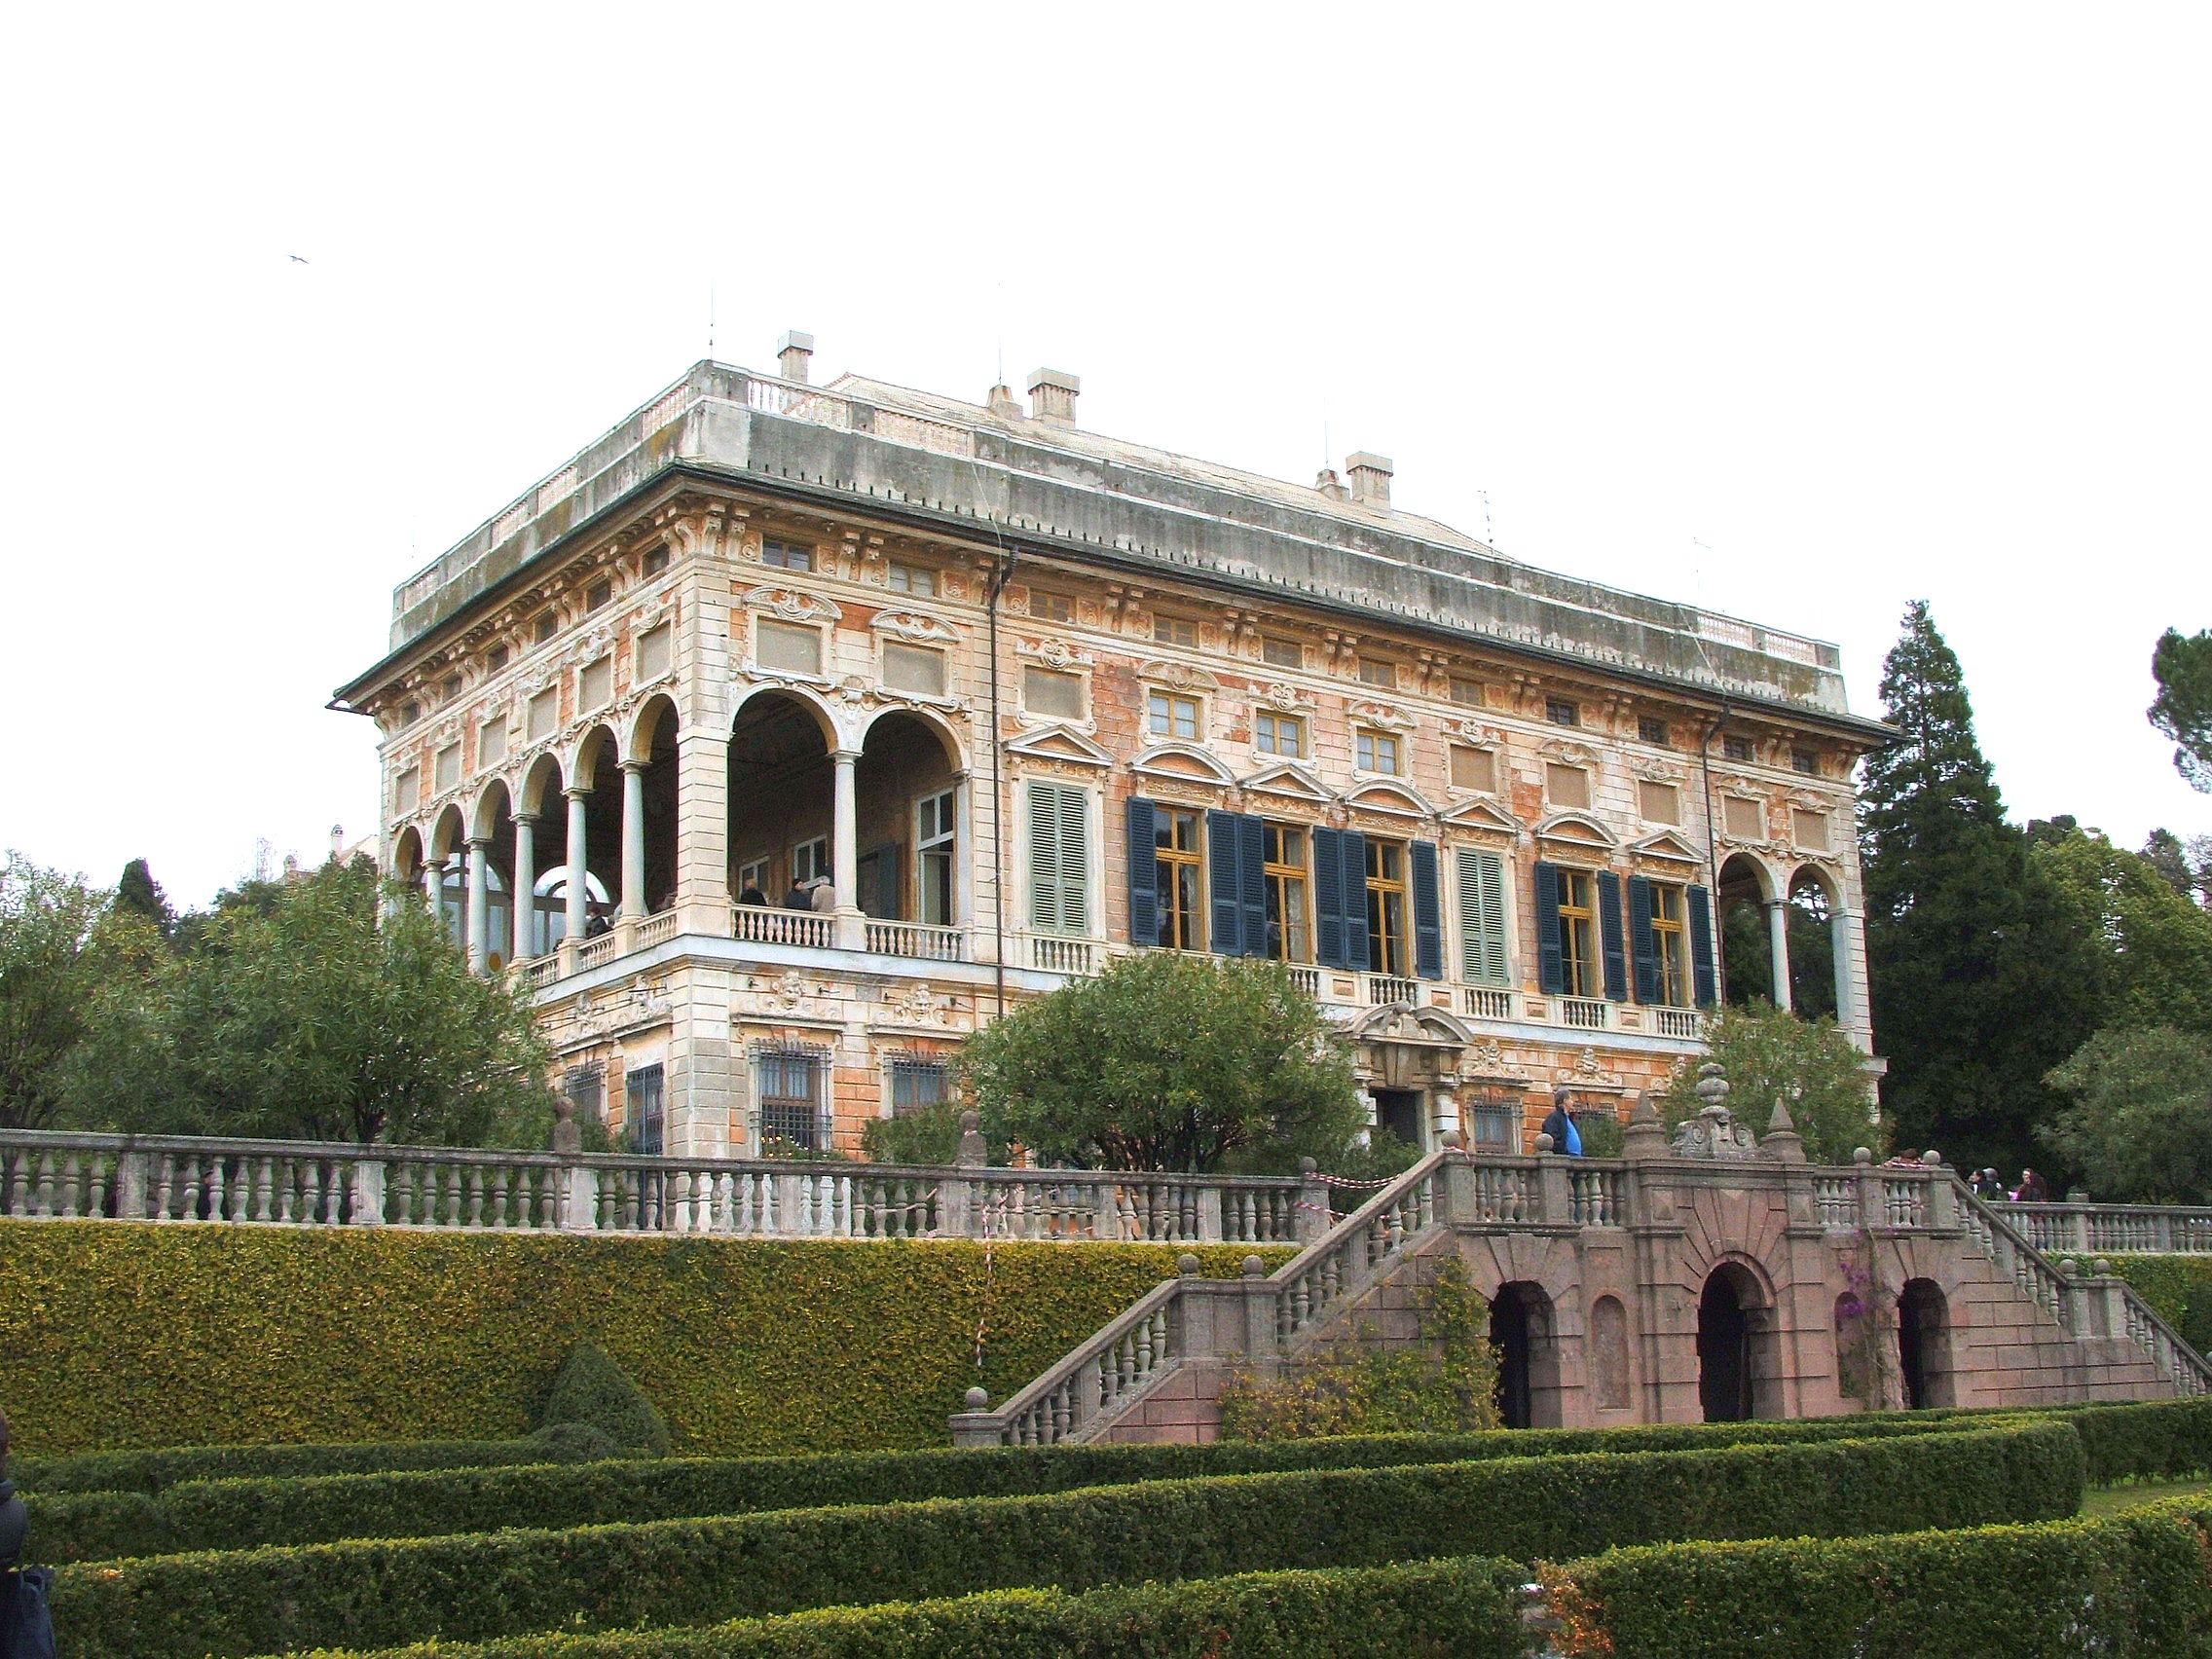 Alessandro magnasco e fabrizio de andr tratti comuni in pittura e in musica di due artisti moderni - Il giardino di albaro ...